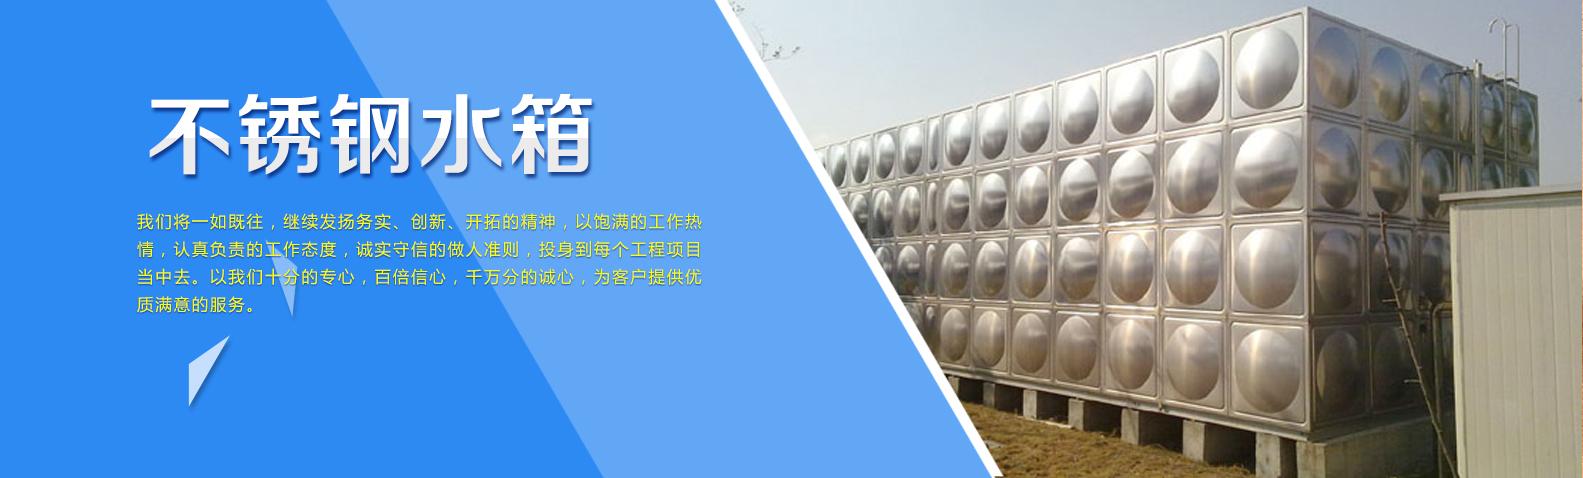 永鑫不锈钢水箱厂家供应